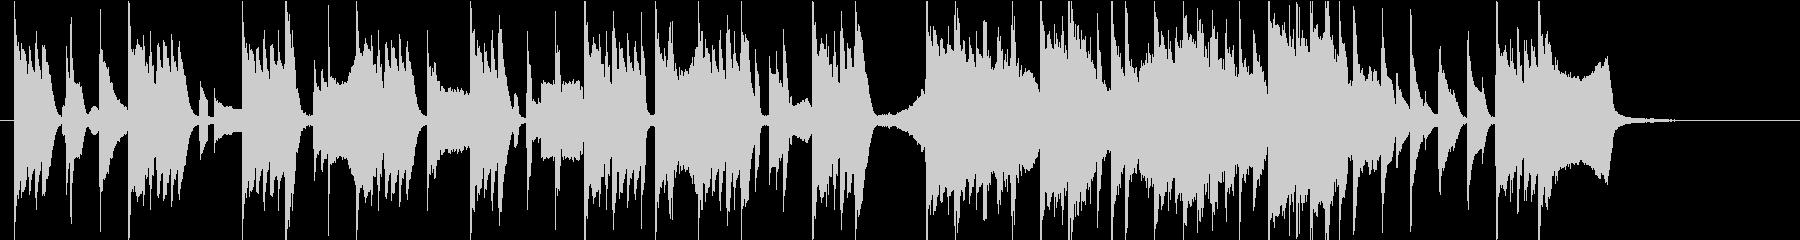 可愛いスタイリッシュなピアノ 30秒CMの未再生の波形